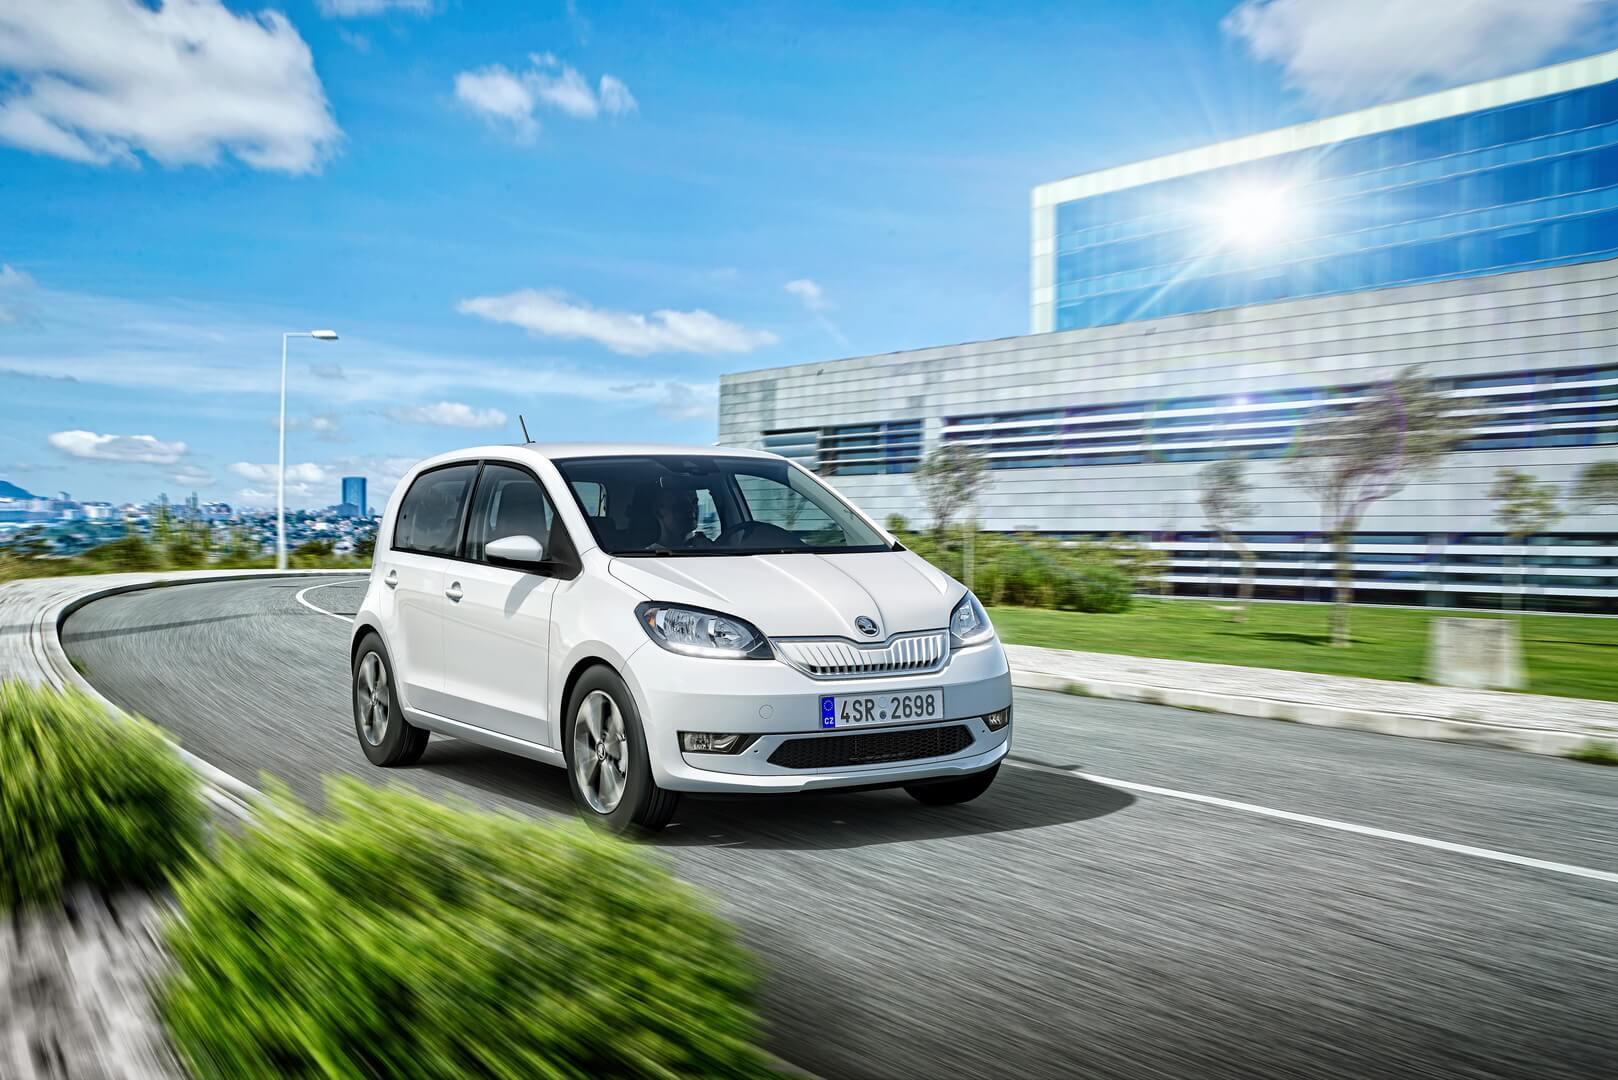 Skoda представила свой первый электромобиль CITIGOe iV